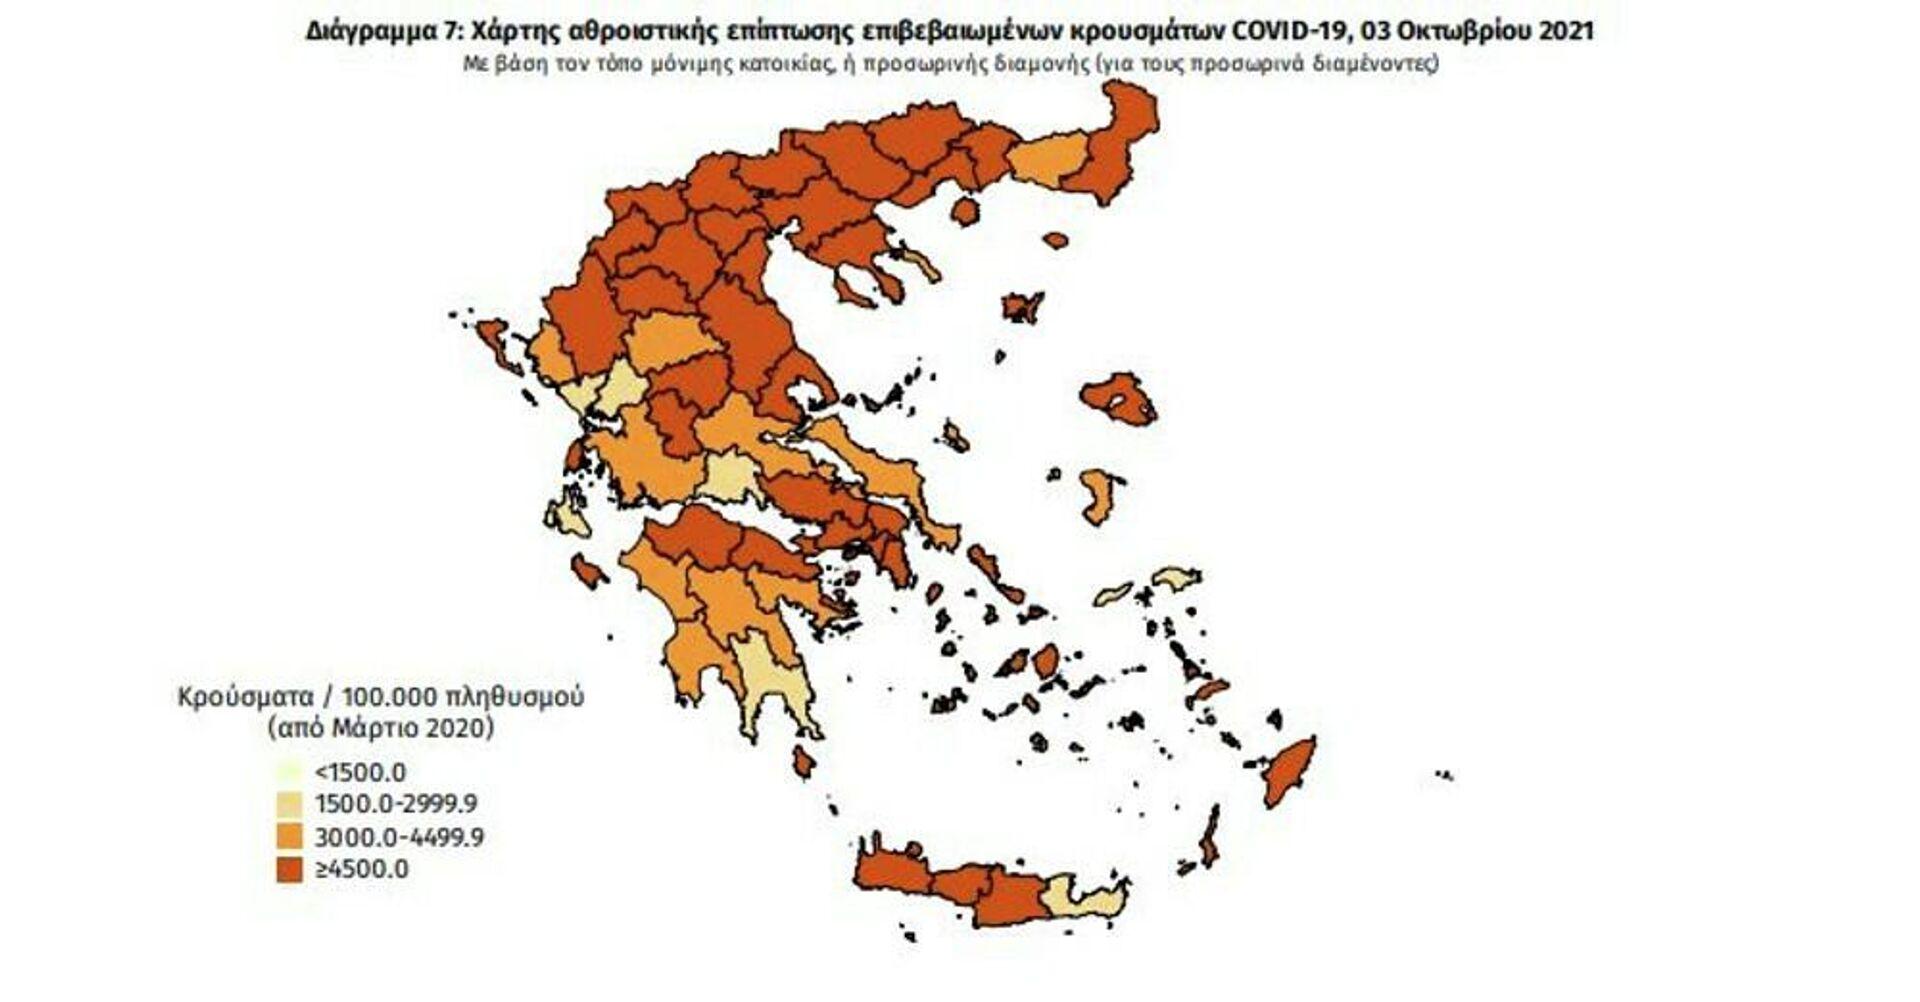 Ο χάρτης επιβεβαιωμένων κρουσμάτων κορονοϊού για την 3η Οκτώβρη 2021 - Sputnik Ελλάδα, 1920, 03.10.2021